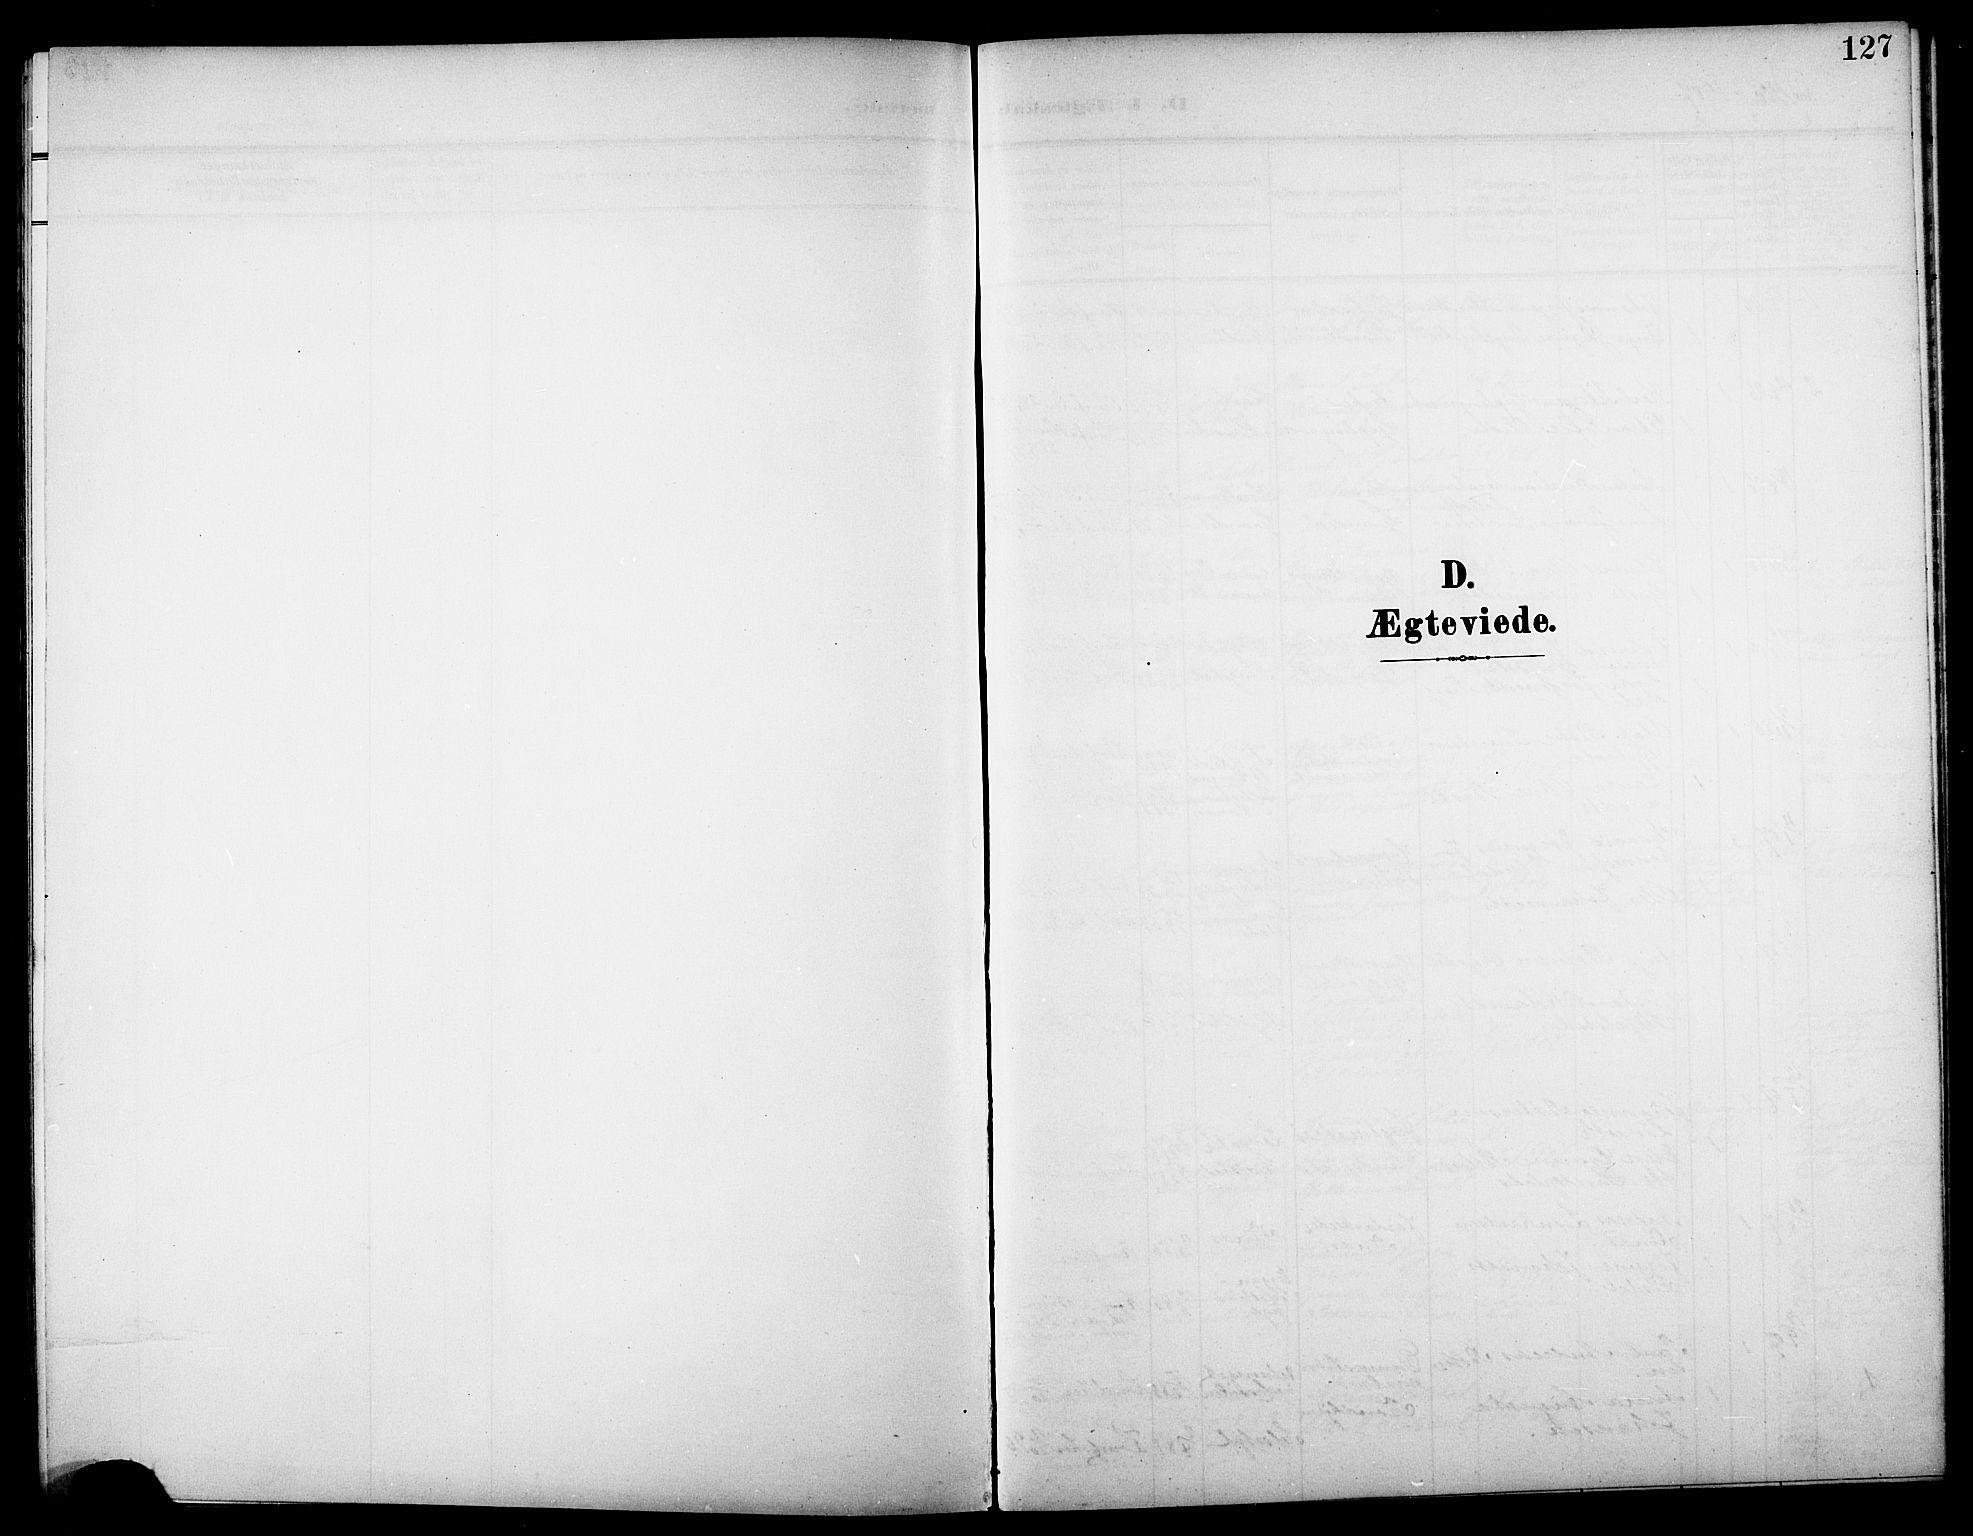 SAT, Ministerialprotokoller, klokkerbøker og fødselsregistre - Nord-Trøndelag, 744/L0424: Klokkerbok nr. 744C03, 1906-1923, s. 127